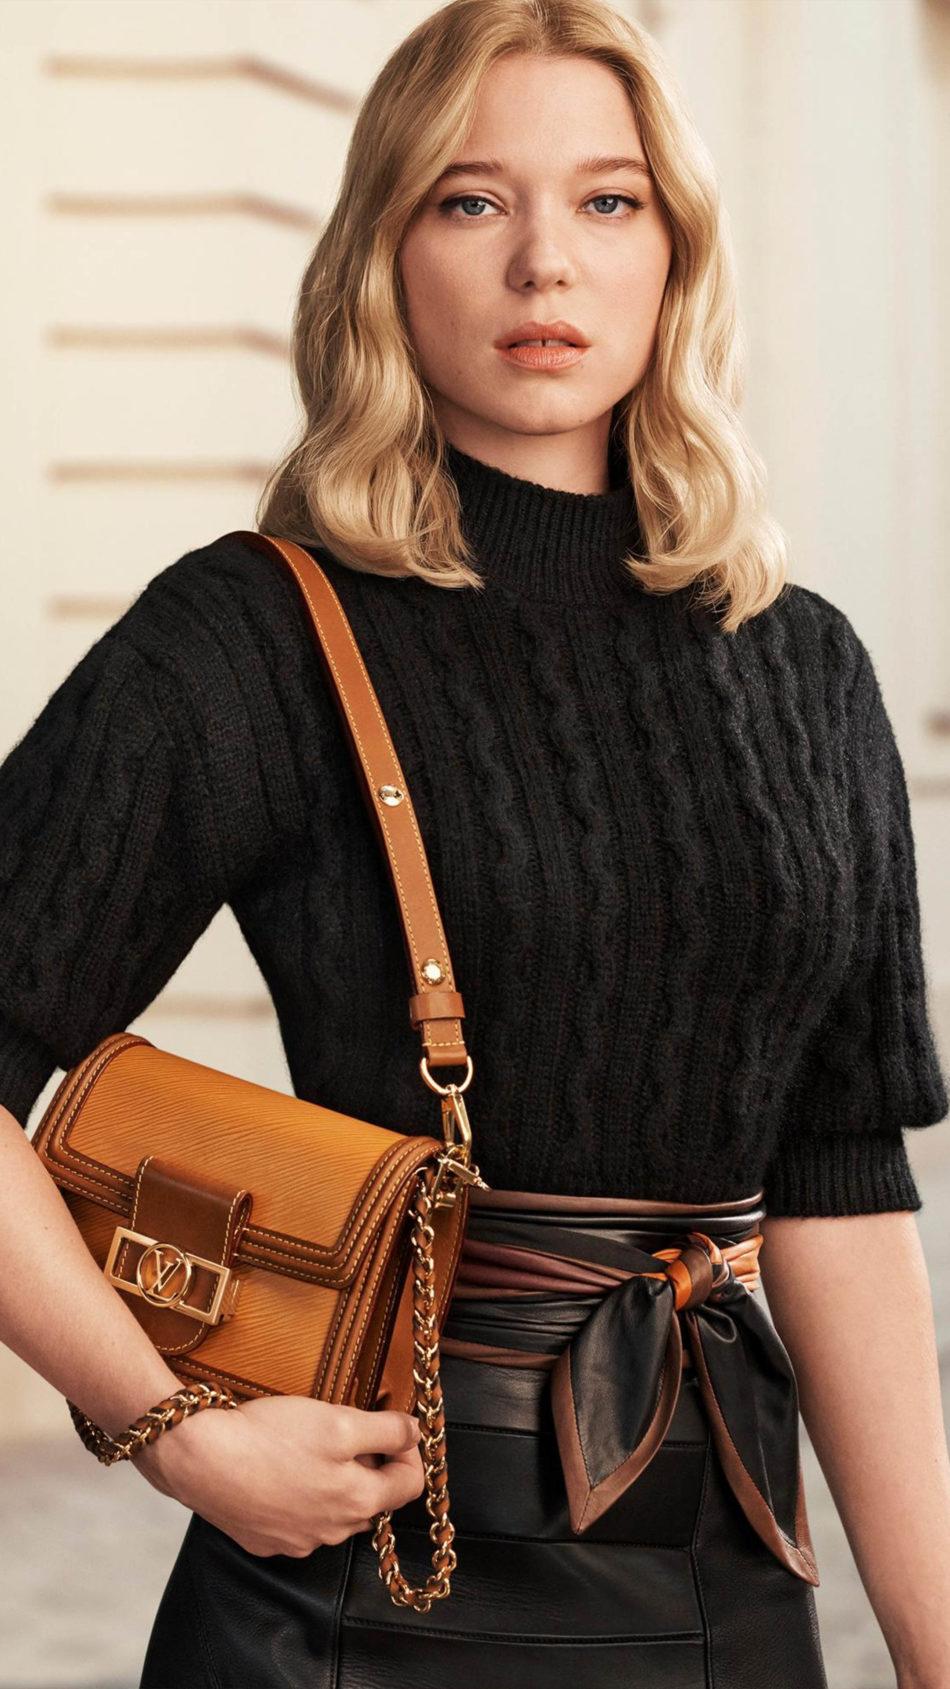 Lea Seydoux 2020 4K Ultra HD Mobile Wallpaper